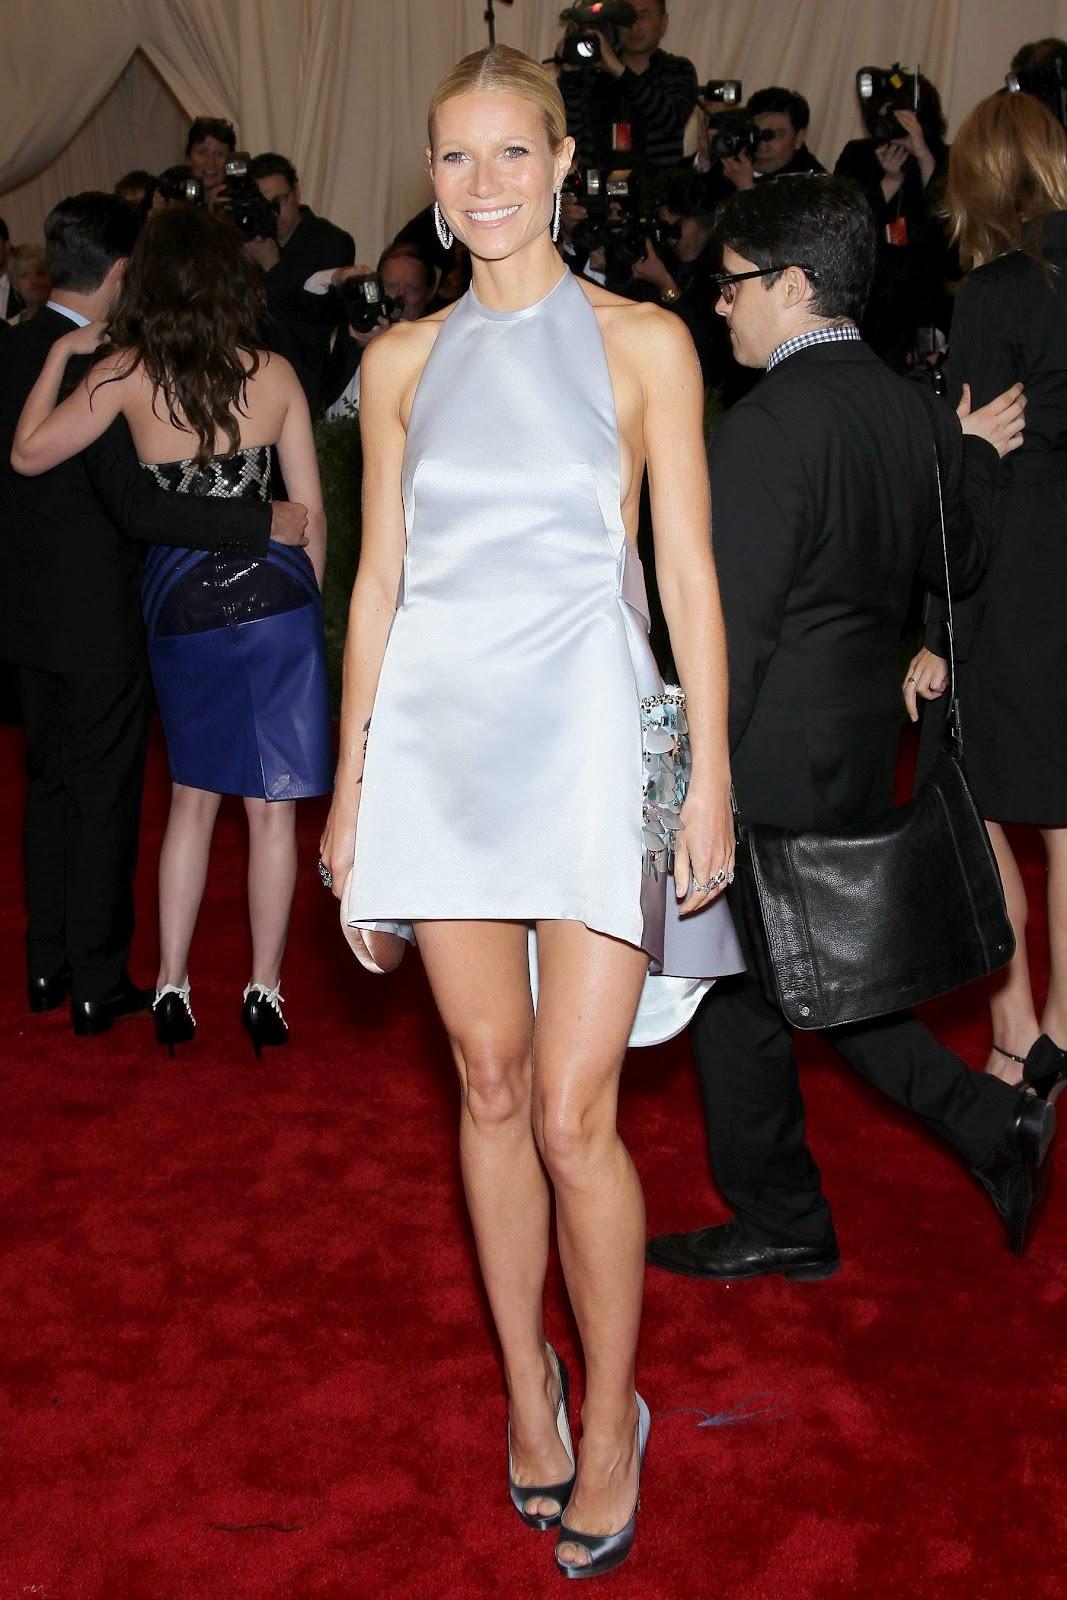 http://4.bp.blogspot.com/-c7RwSY16gvU/T6k0yRi1w-I/AAAAAAAAAnQ/dNCTg7PWjIM/s1600/Gwyneth_Paltrow_-_Costume_Institute_Gala_Met_Ball__NYC__-_070512_106.JPG